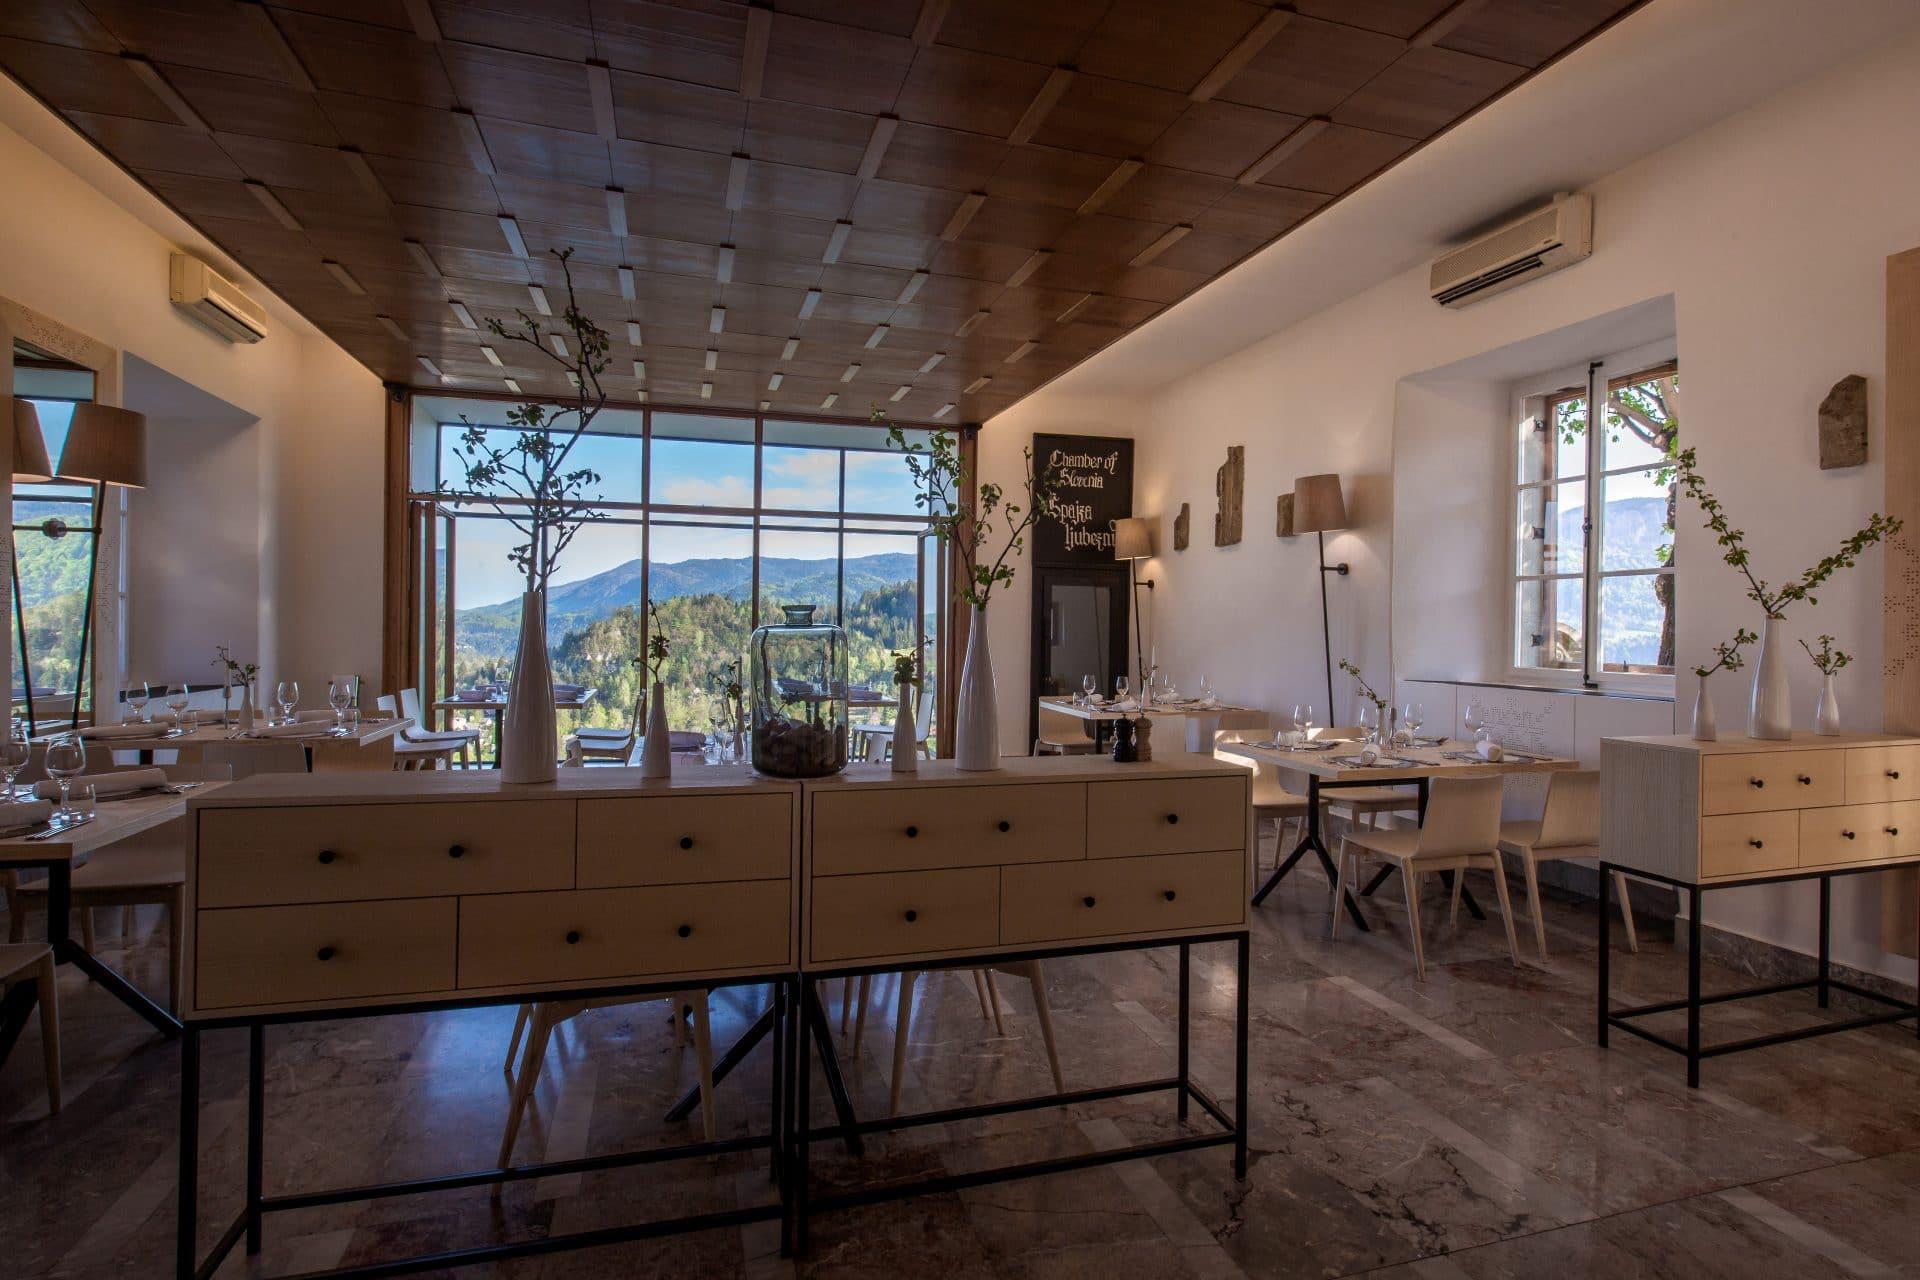 Restaurante del Castillo de Bled Jezeršek interor